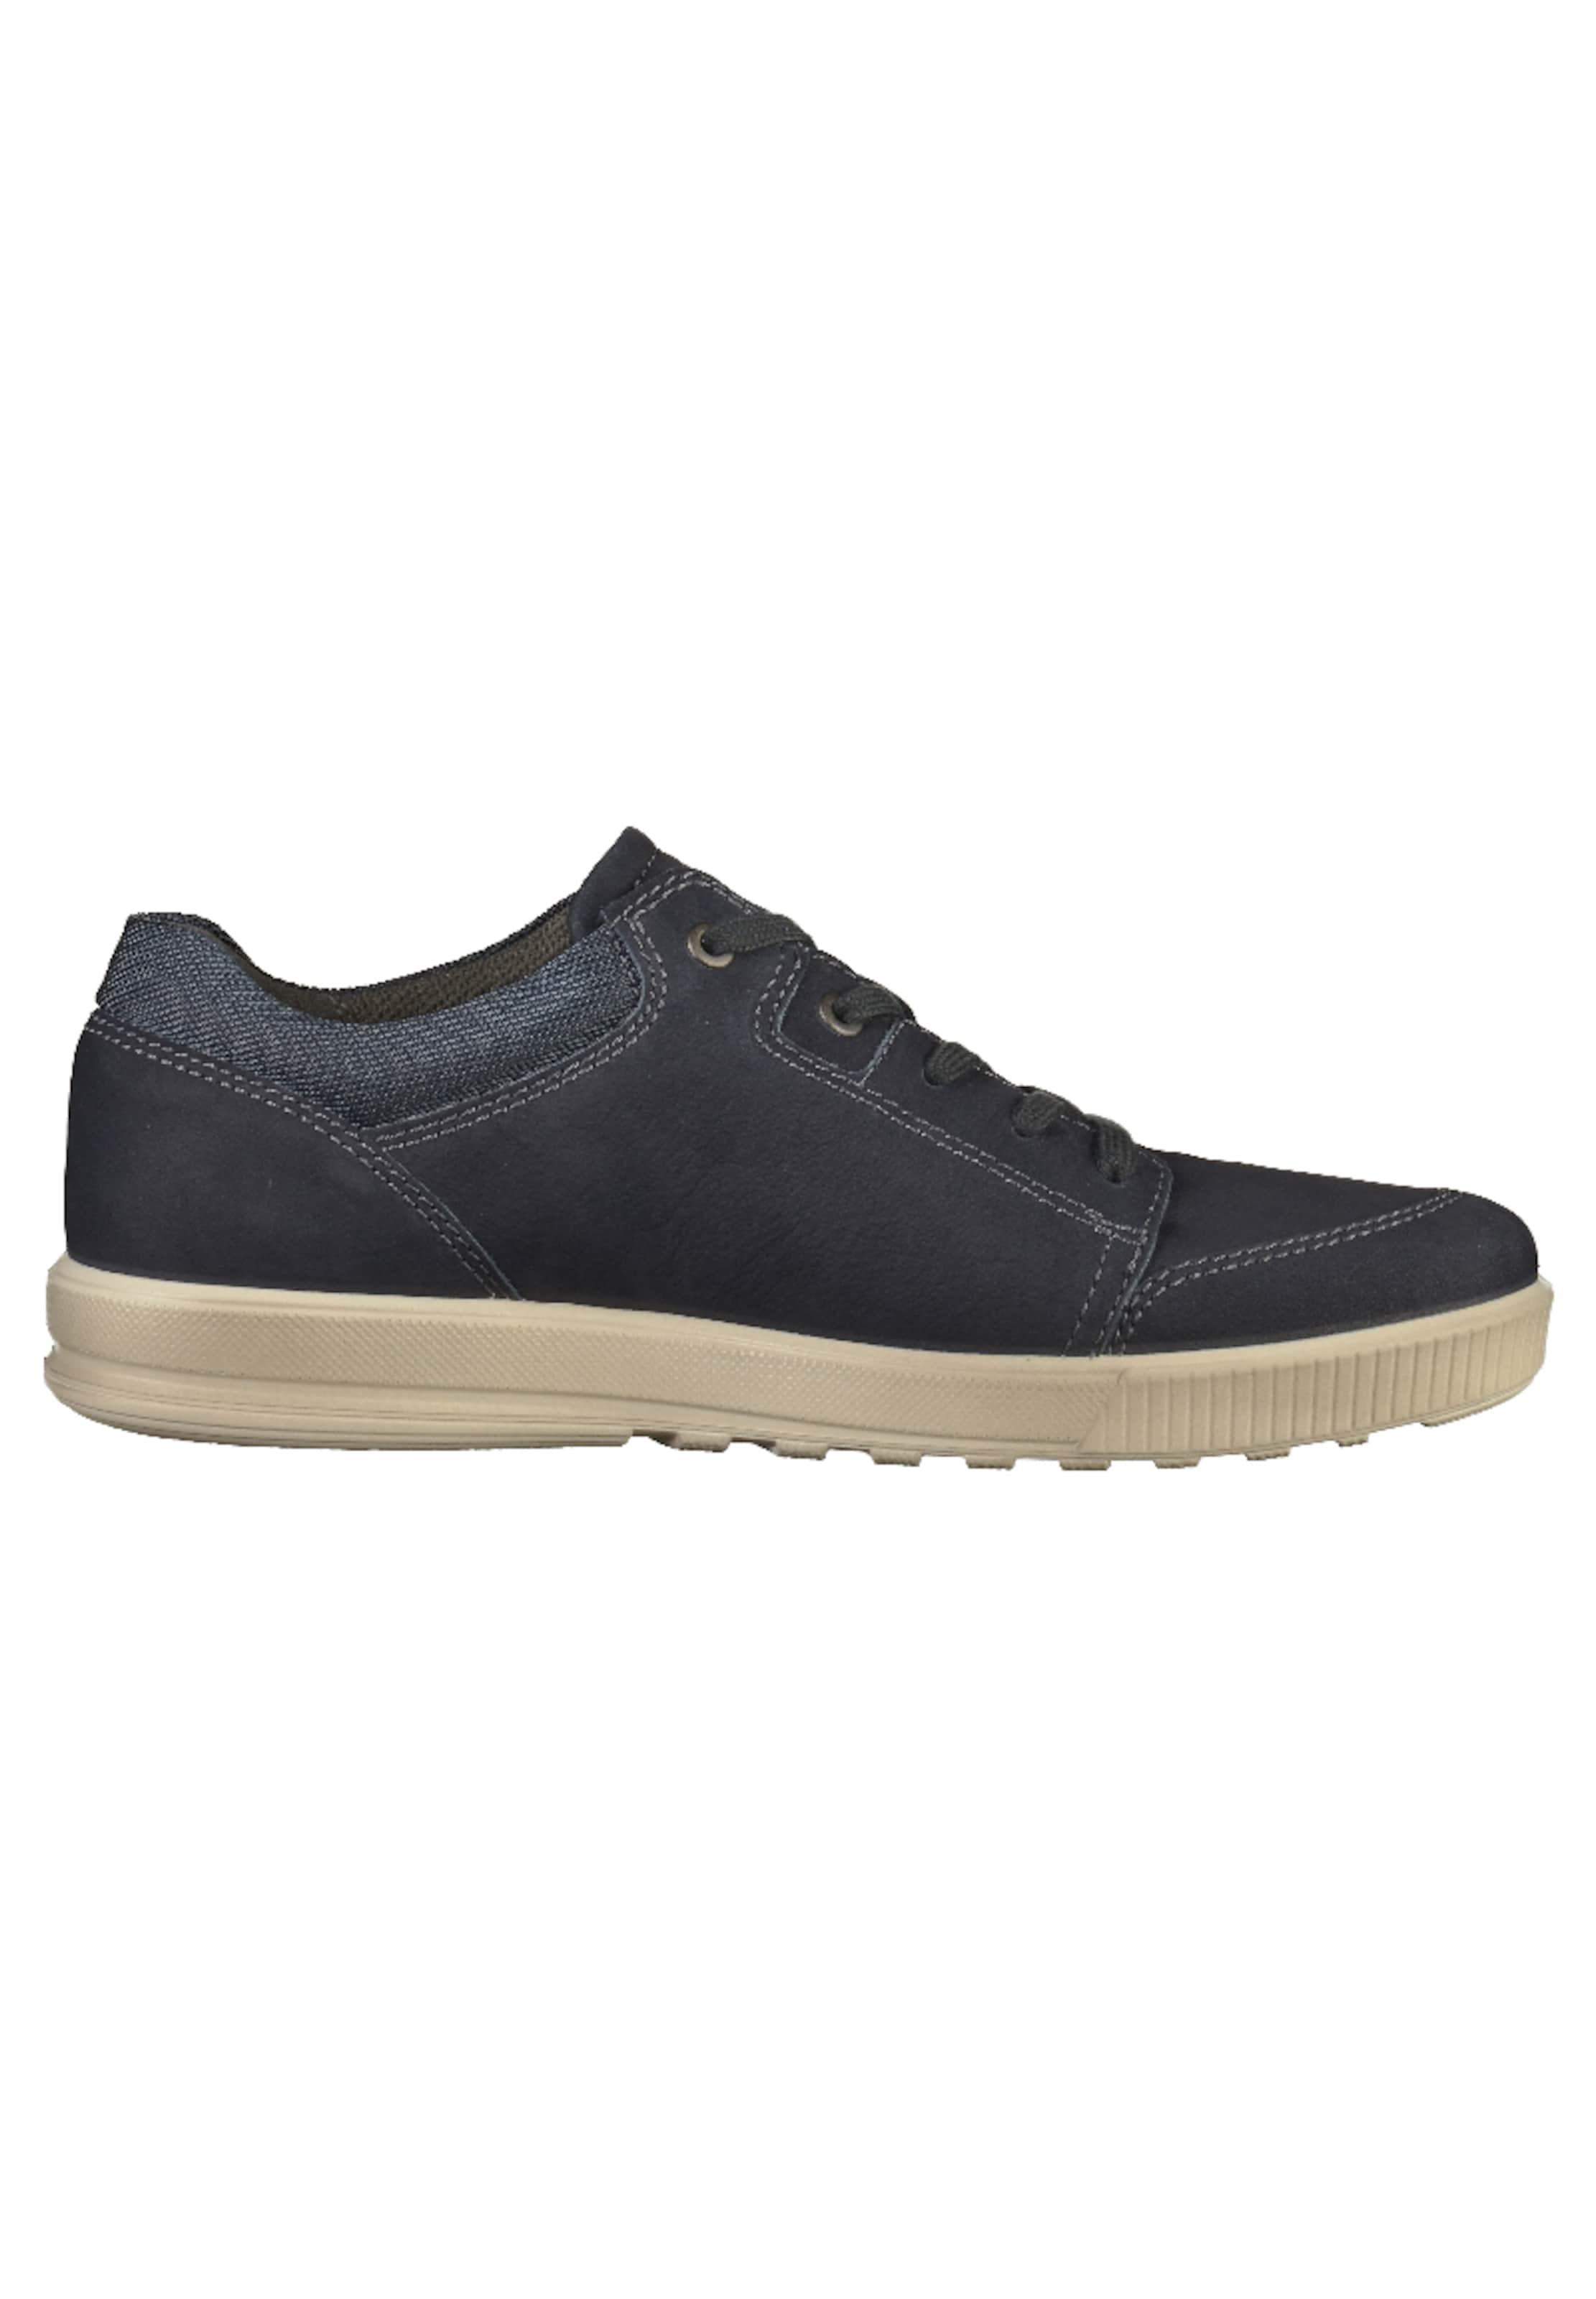 Sneaker Ecco Sneaker In Ecco NavyKhaki NavyKhaki In Ecco 4Ljq5A3R